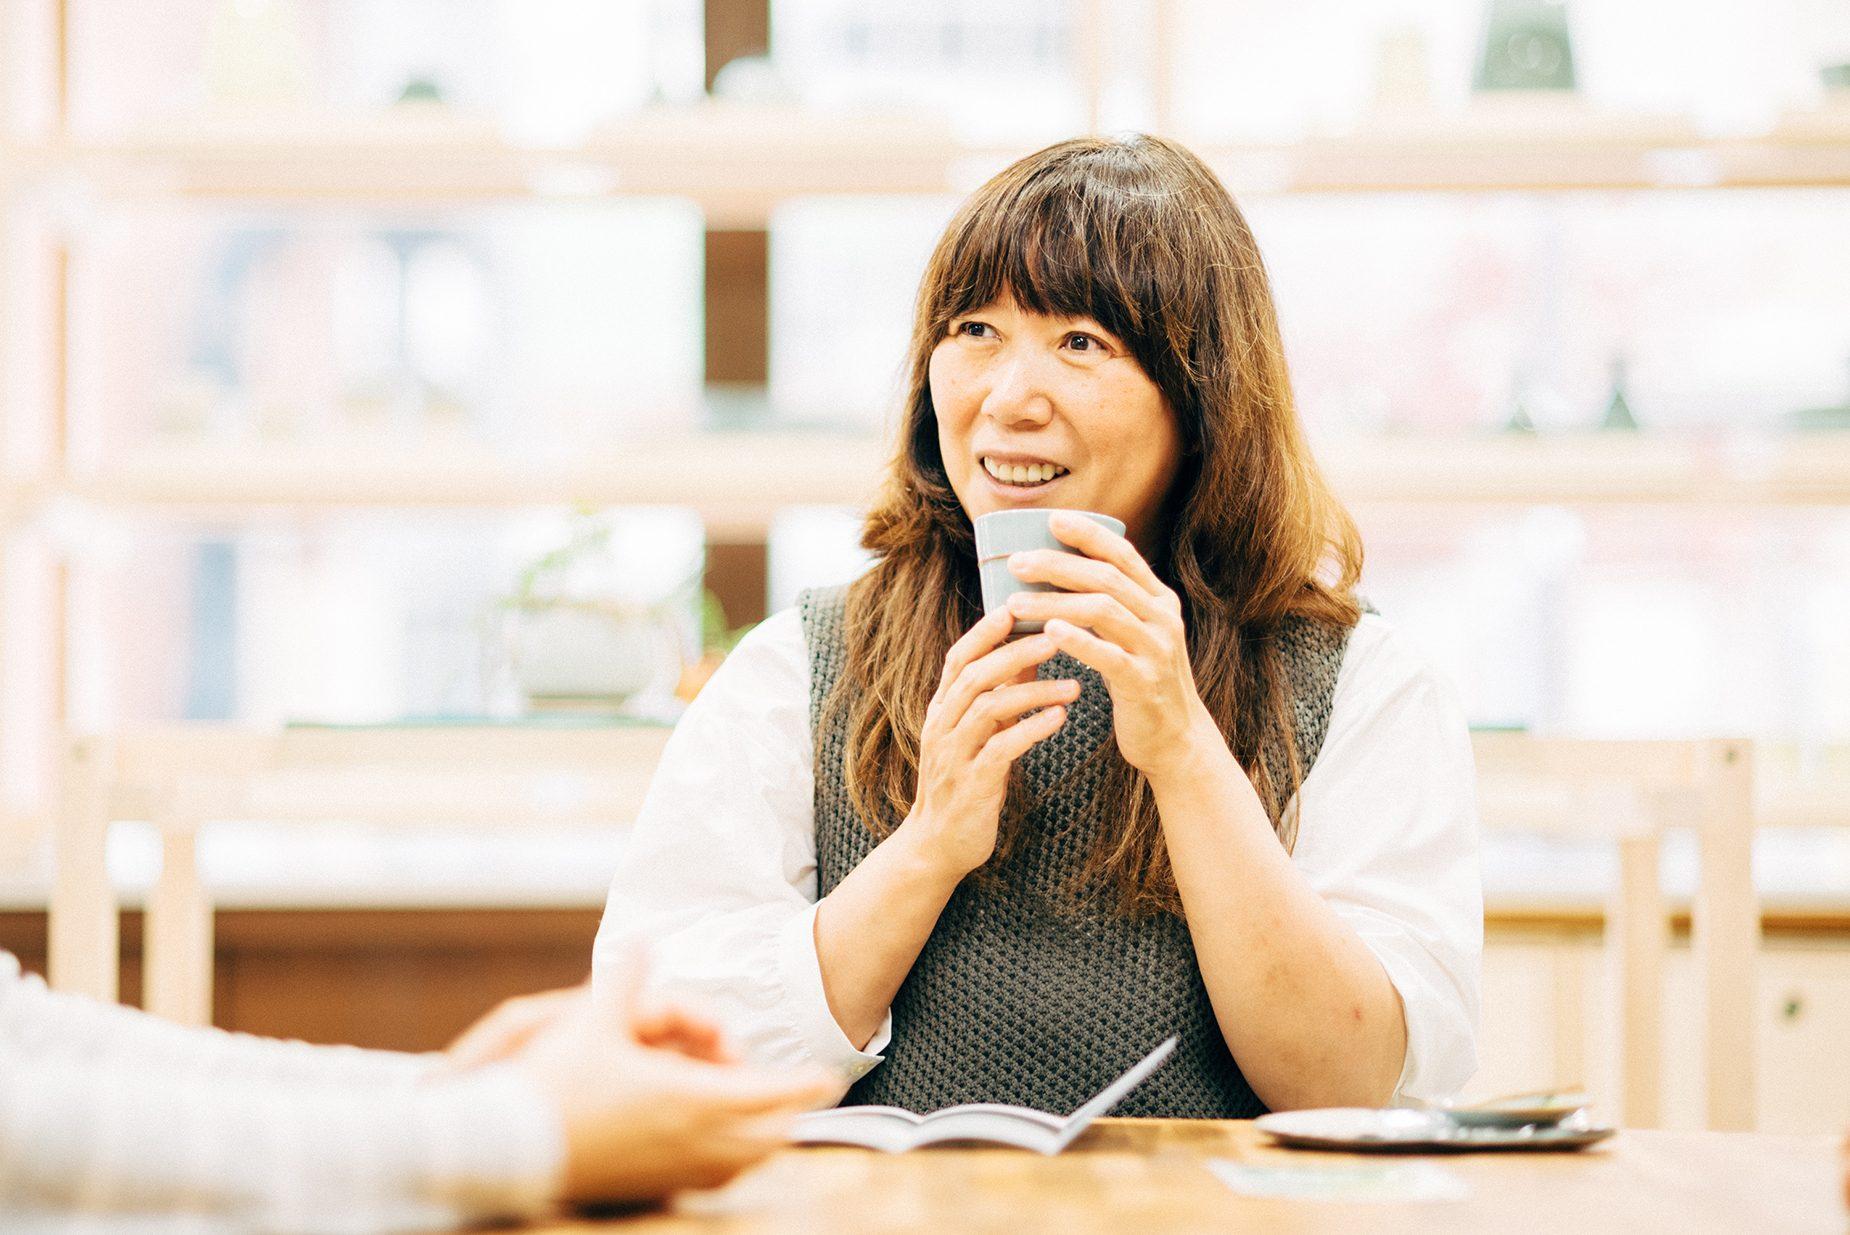 ブランディングディレクターの福田春美さん。ブランドのコンセプトワーク、ストーリー、ロゴ、お店の内装、HPのイメージを決め、どう売るか、どう周知させるかなどお店が軌道に乗るまでの様々なサポートを行う。